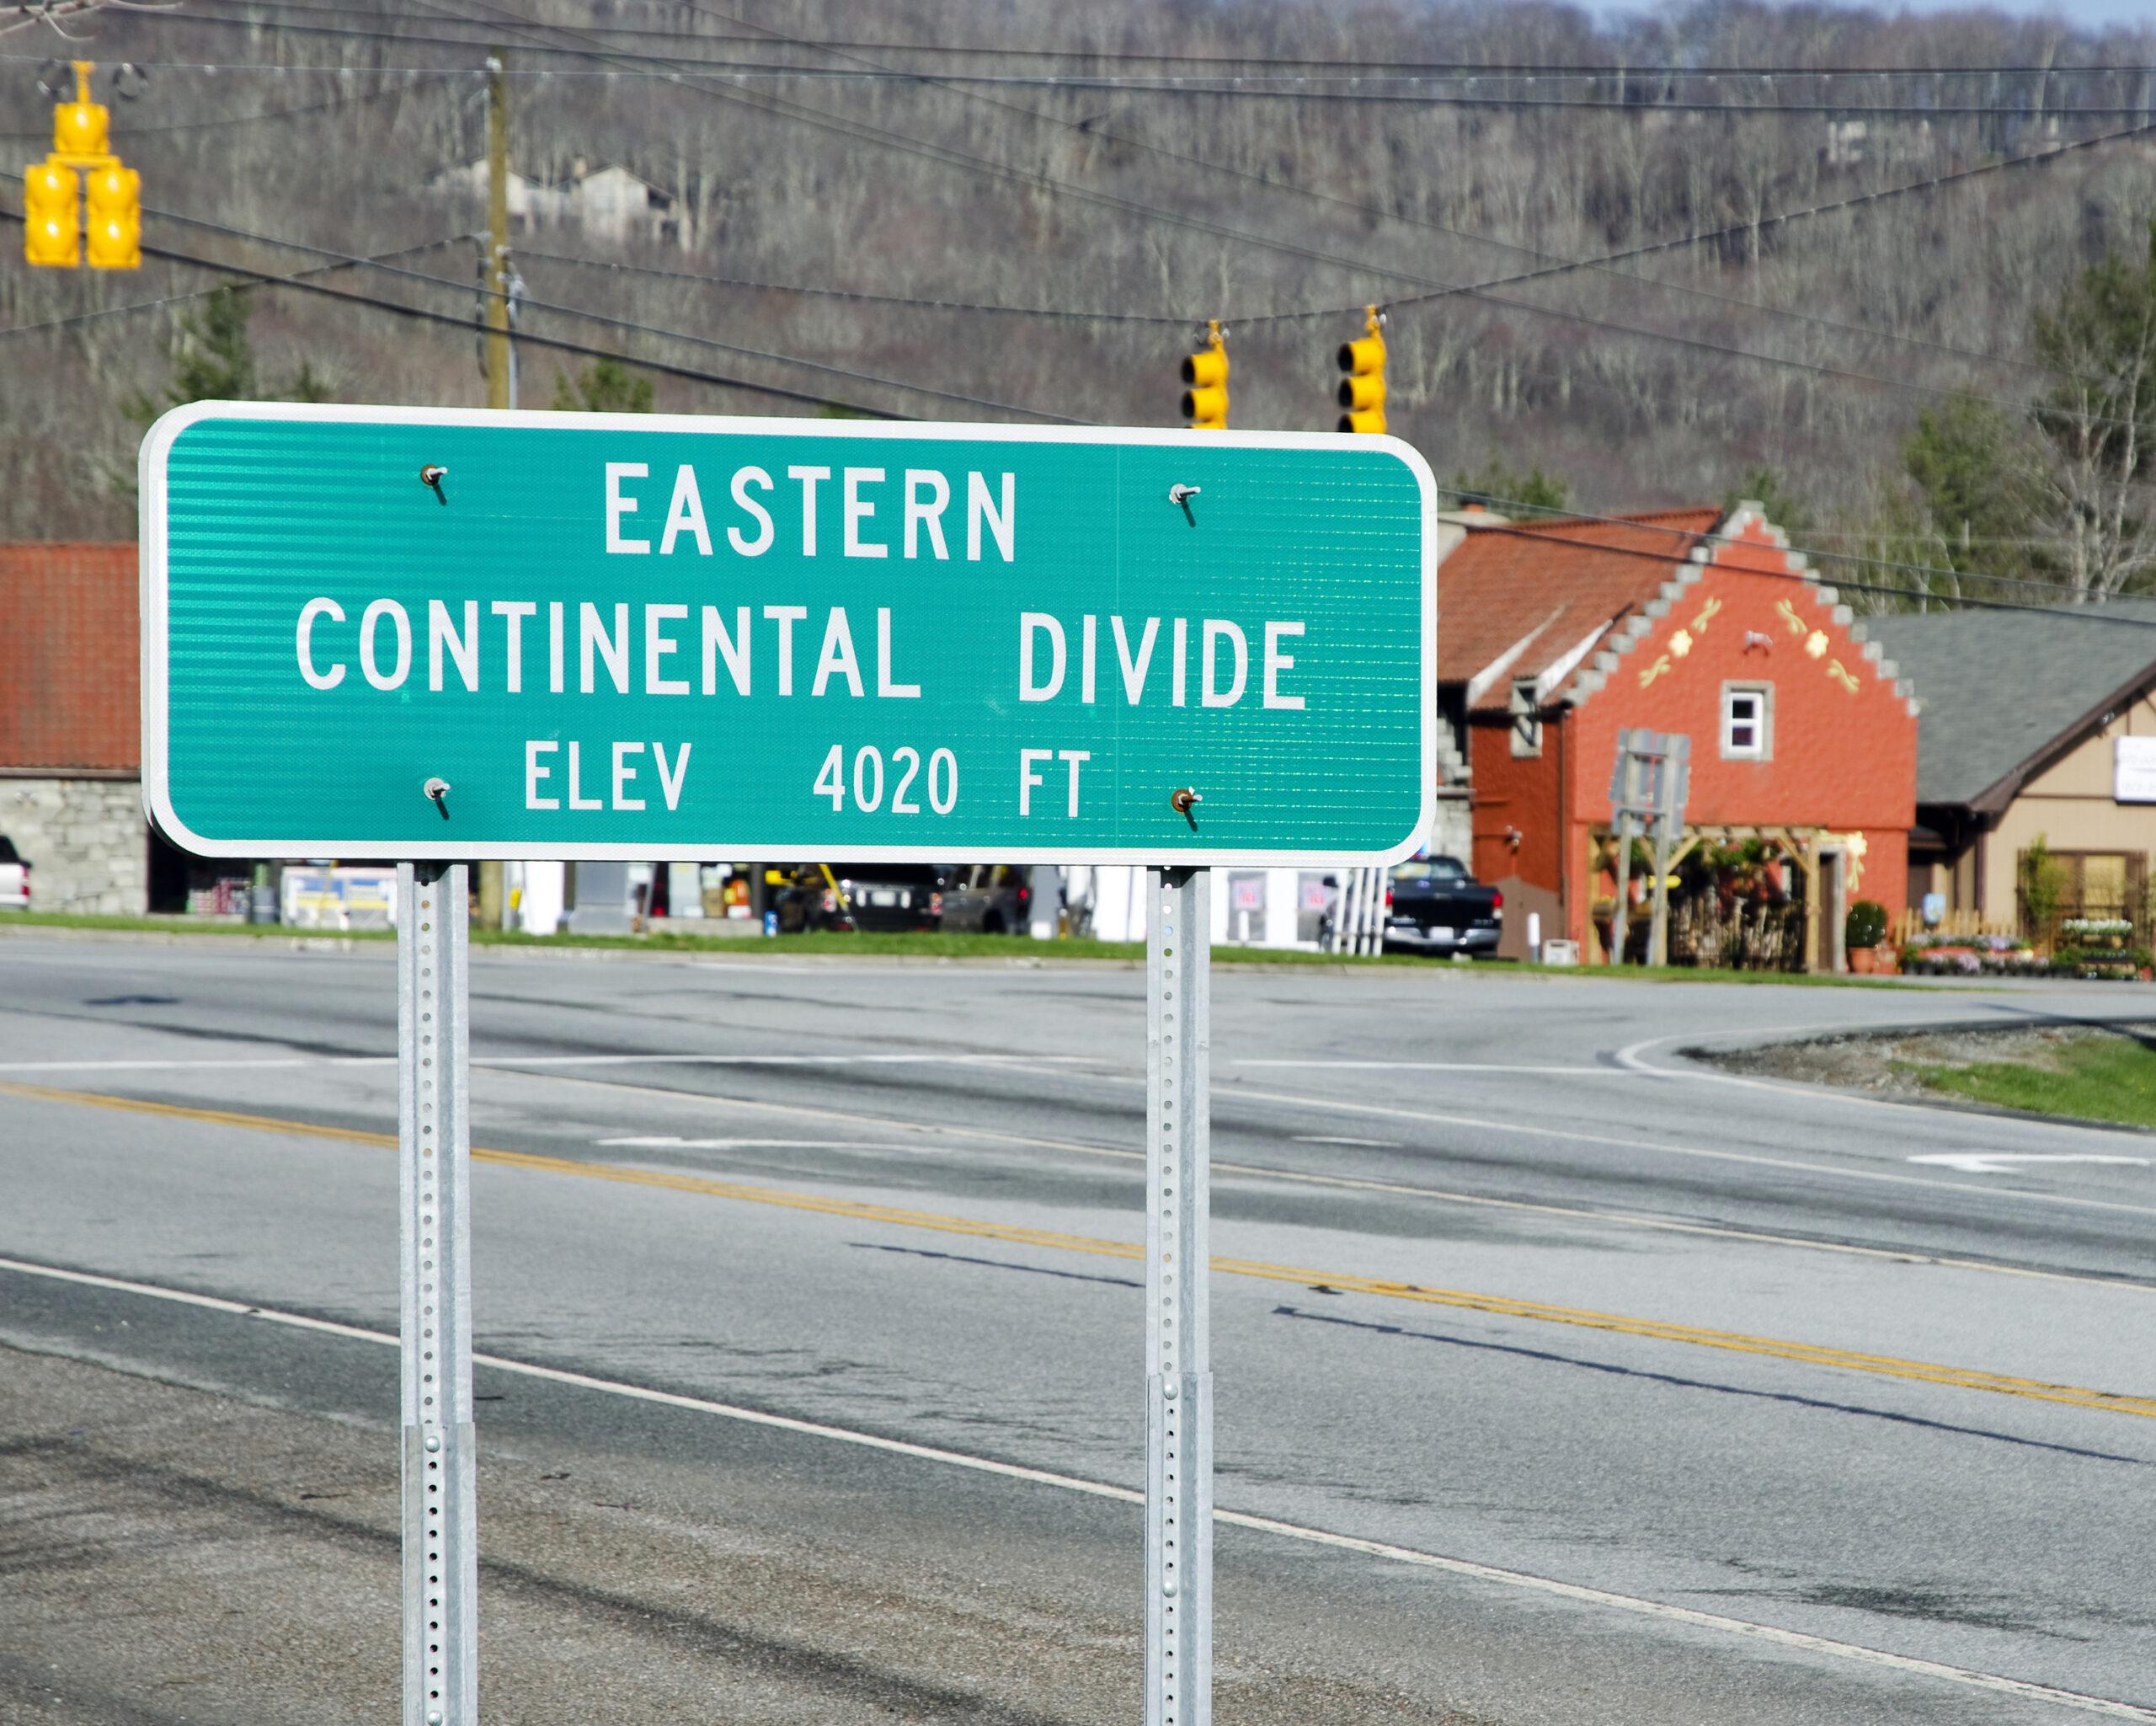 banner elk north carolina, eastern continental divide elevation of 4,020 ft